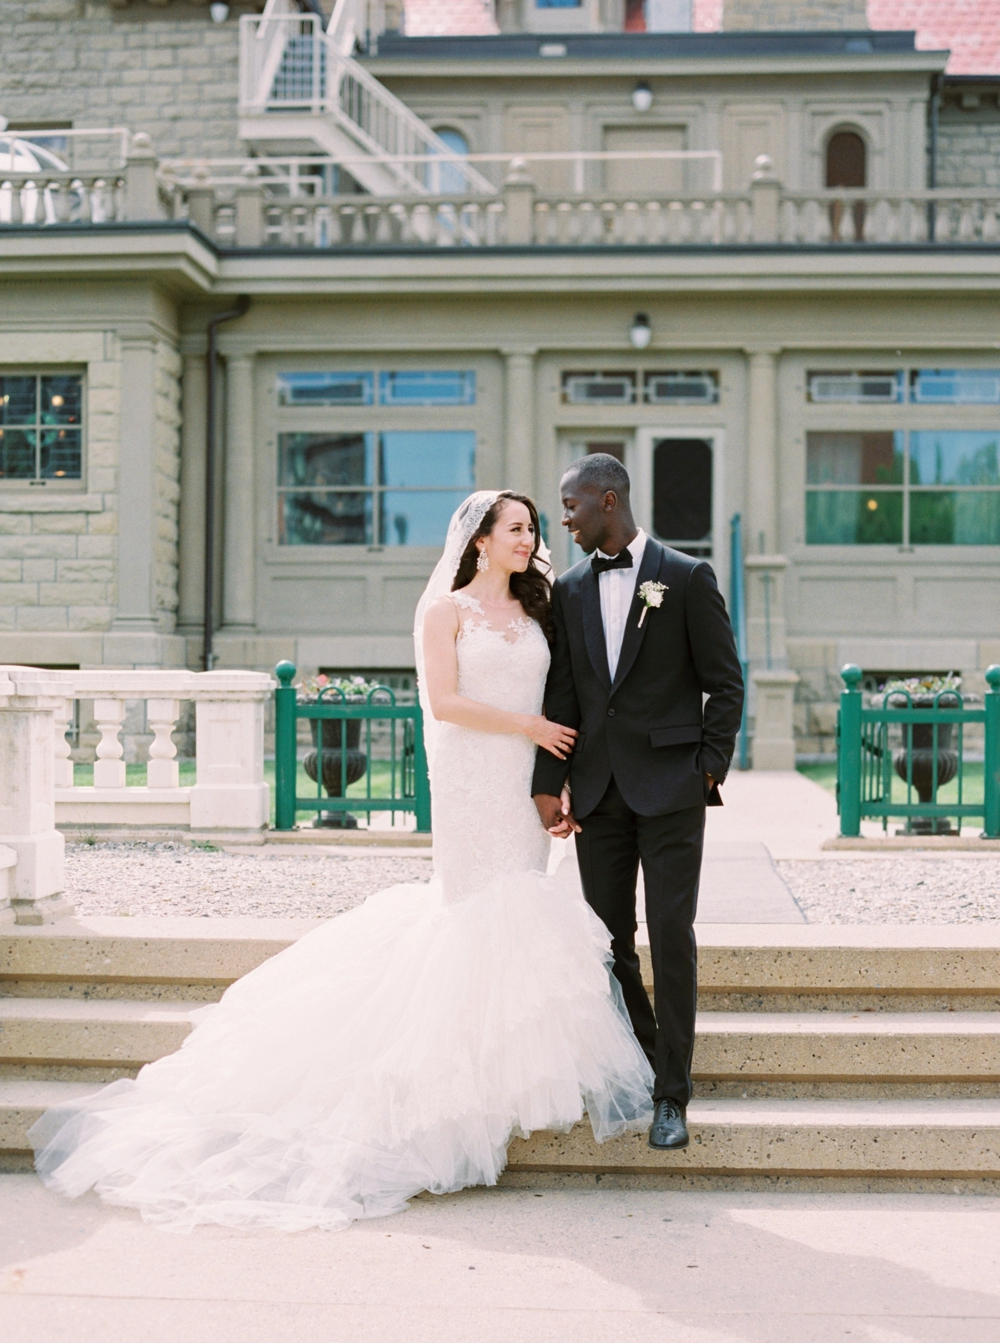 Calgary Wedding Photographers | Wedding Photography | Downtown Wedding | City Wedding | Gorgeous Wedding Couple